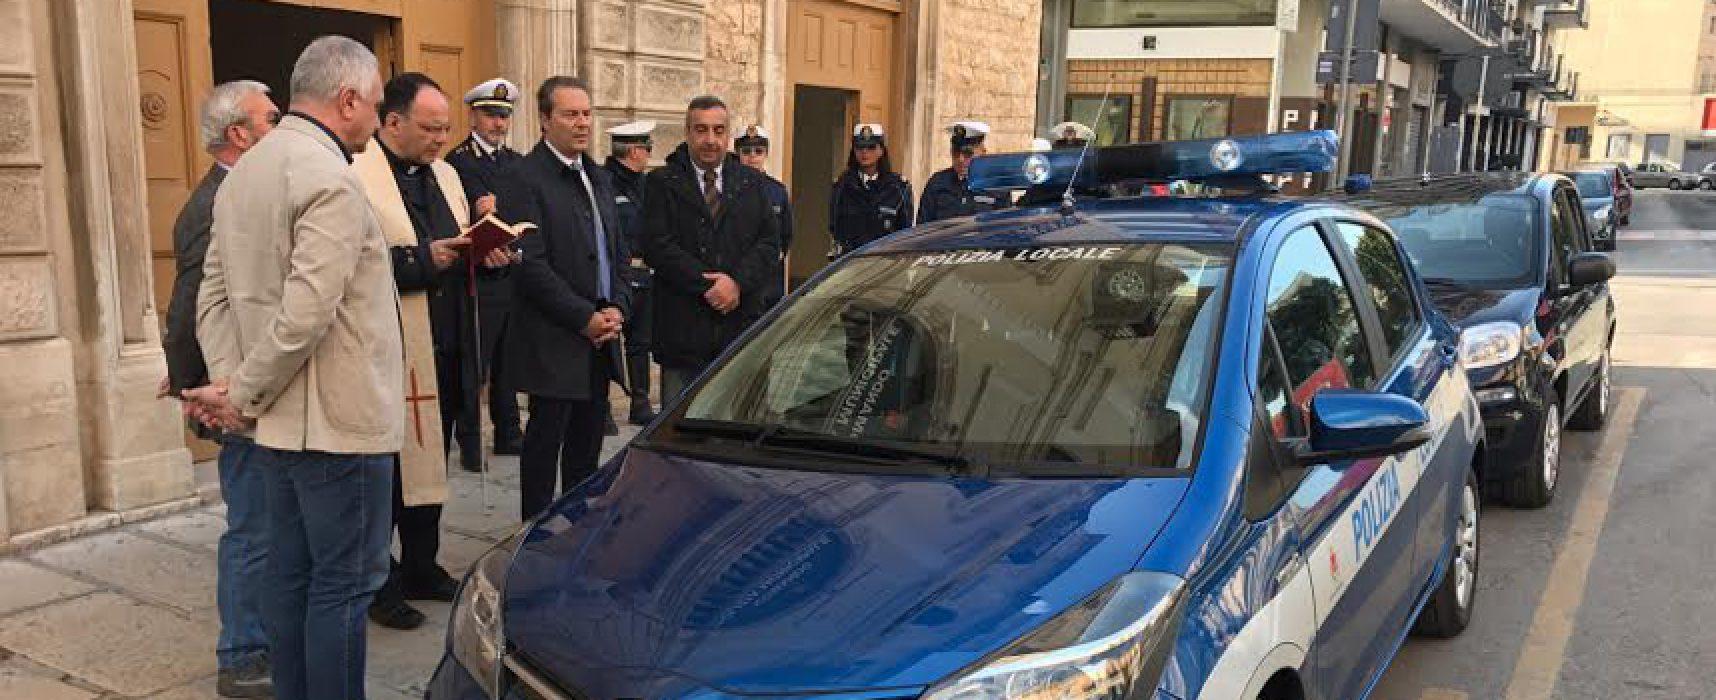 """Cinque nuove auto per la polizia municipale, Spina: """"Attenzione costante per la sicurezza urbana"""""""